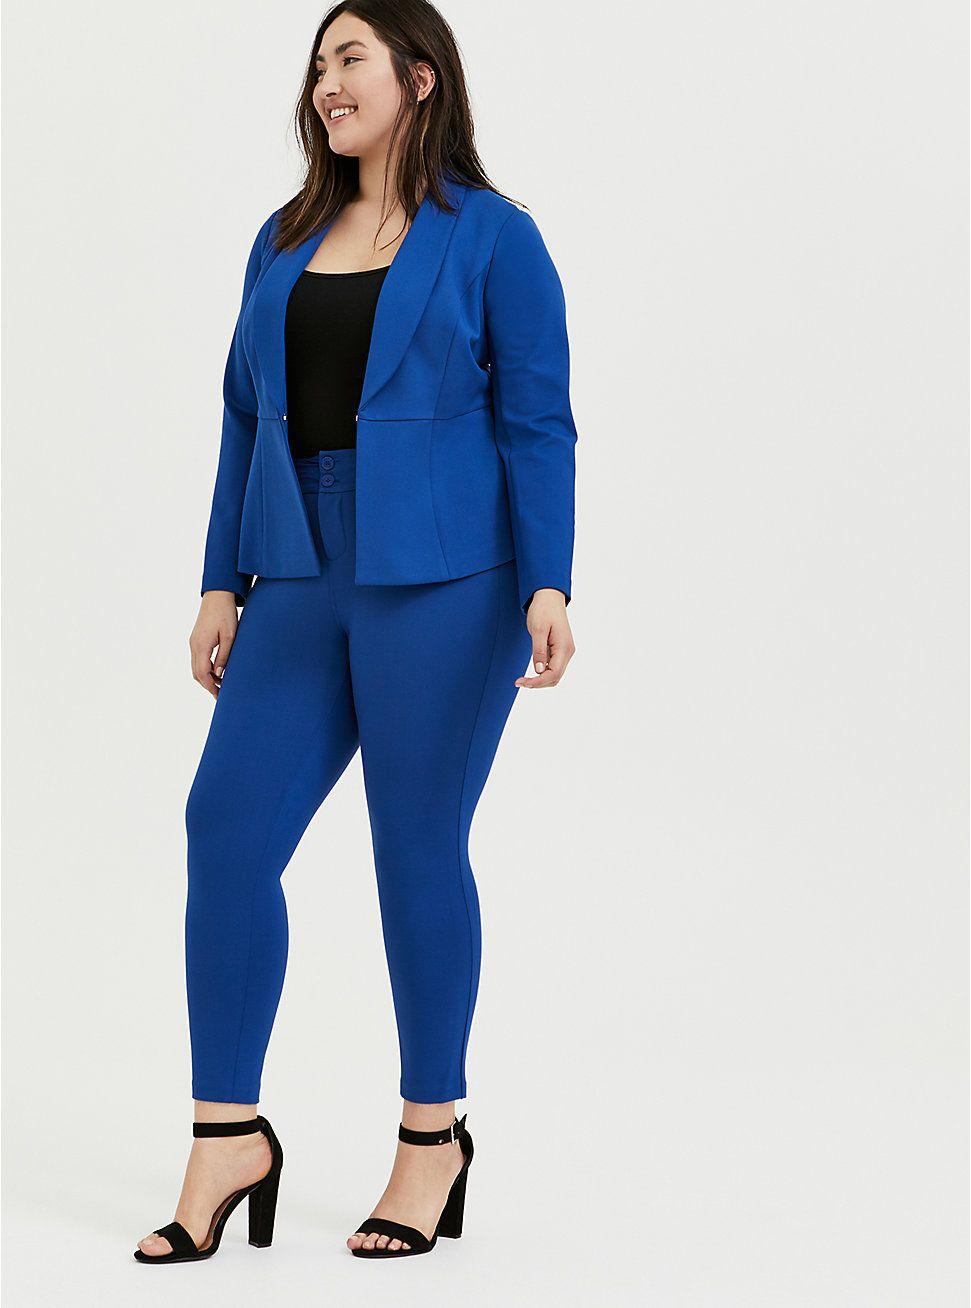 Torrid Pant Suits